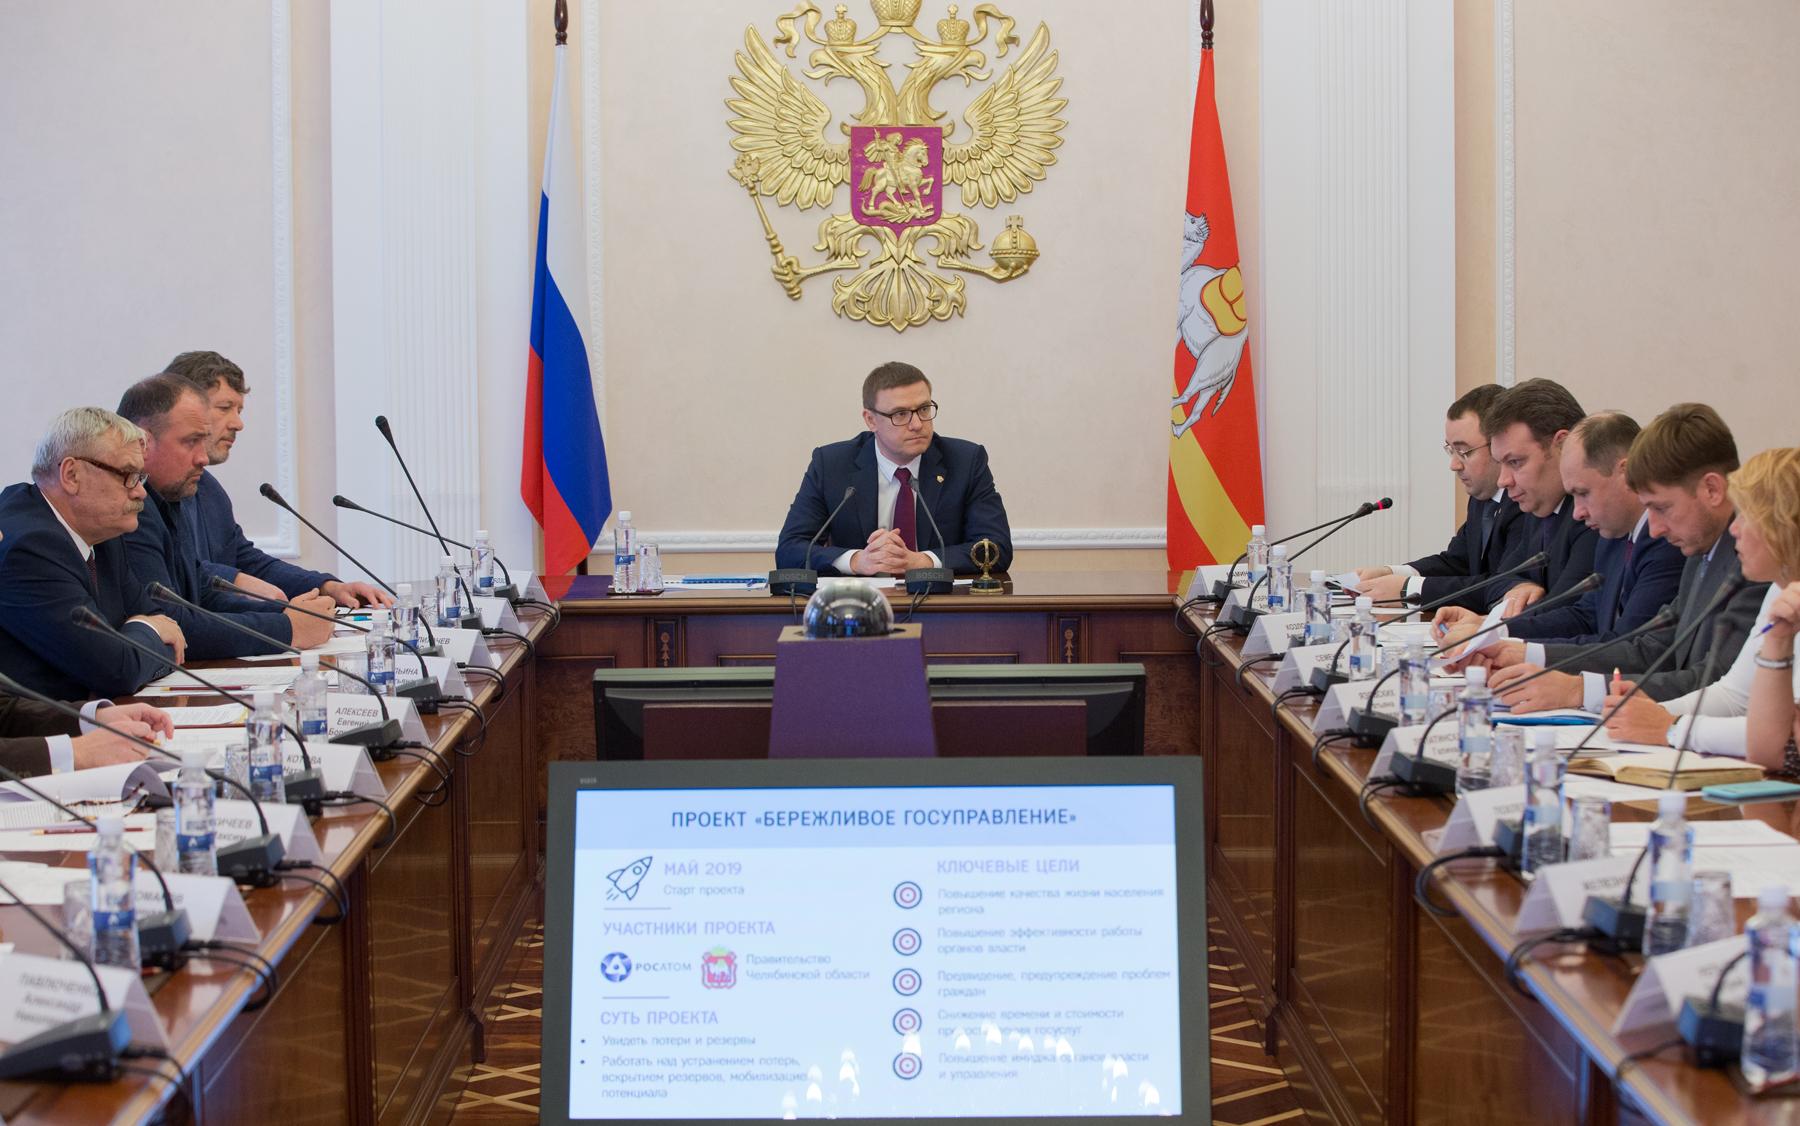 Алексей Текслер: Программа «Эффективный регион» должна приблизить власть к человеку